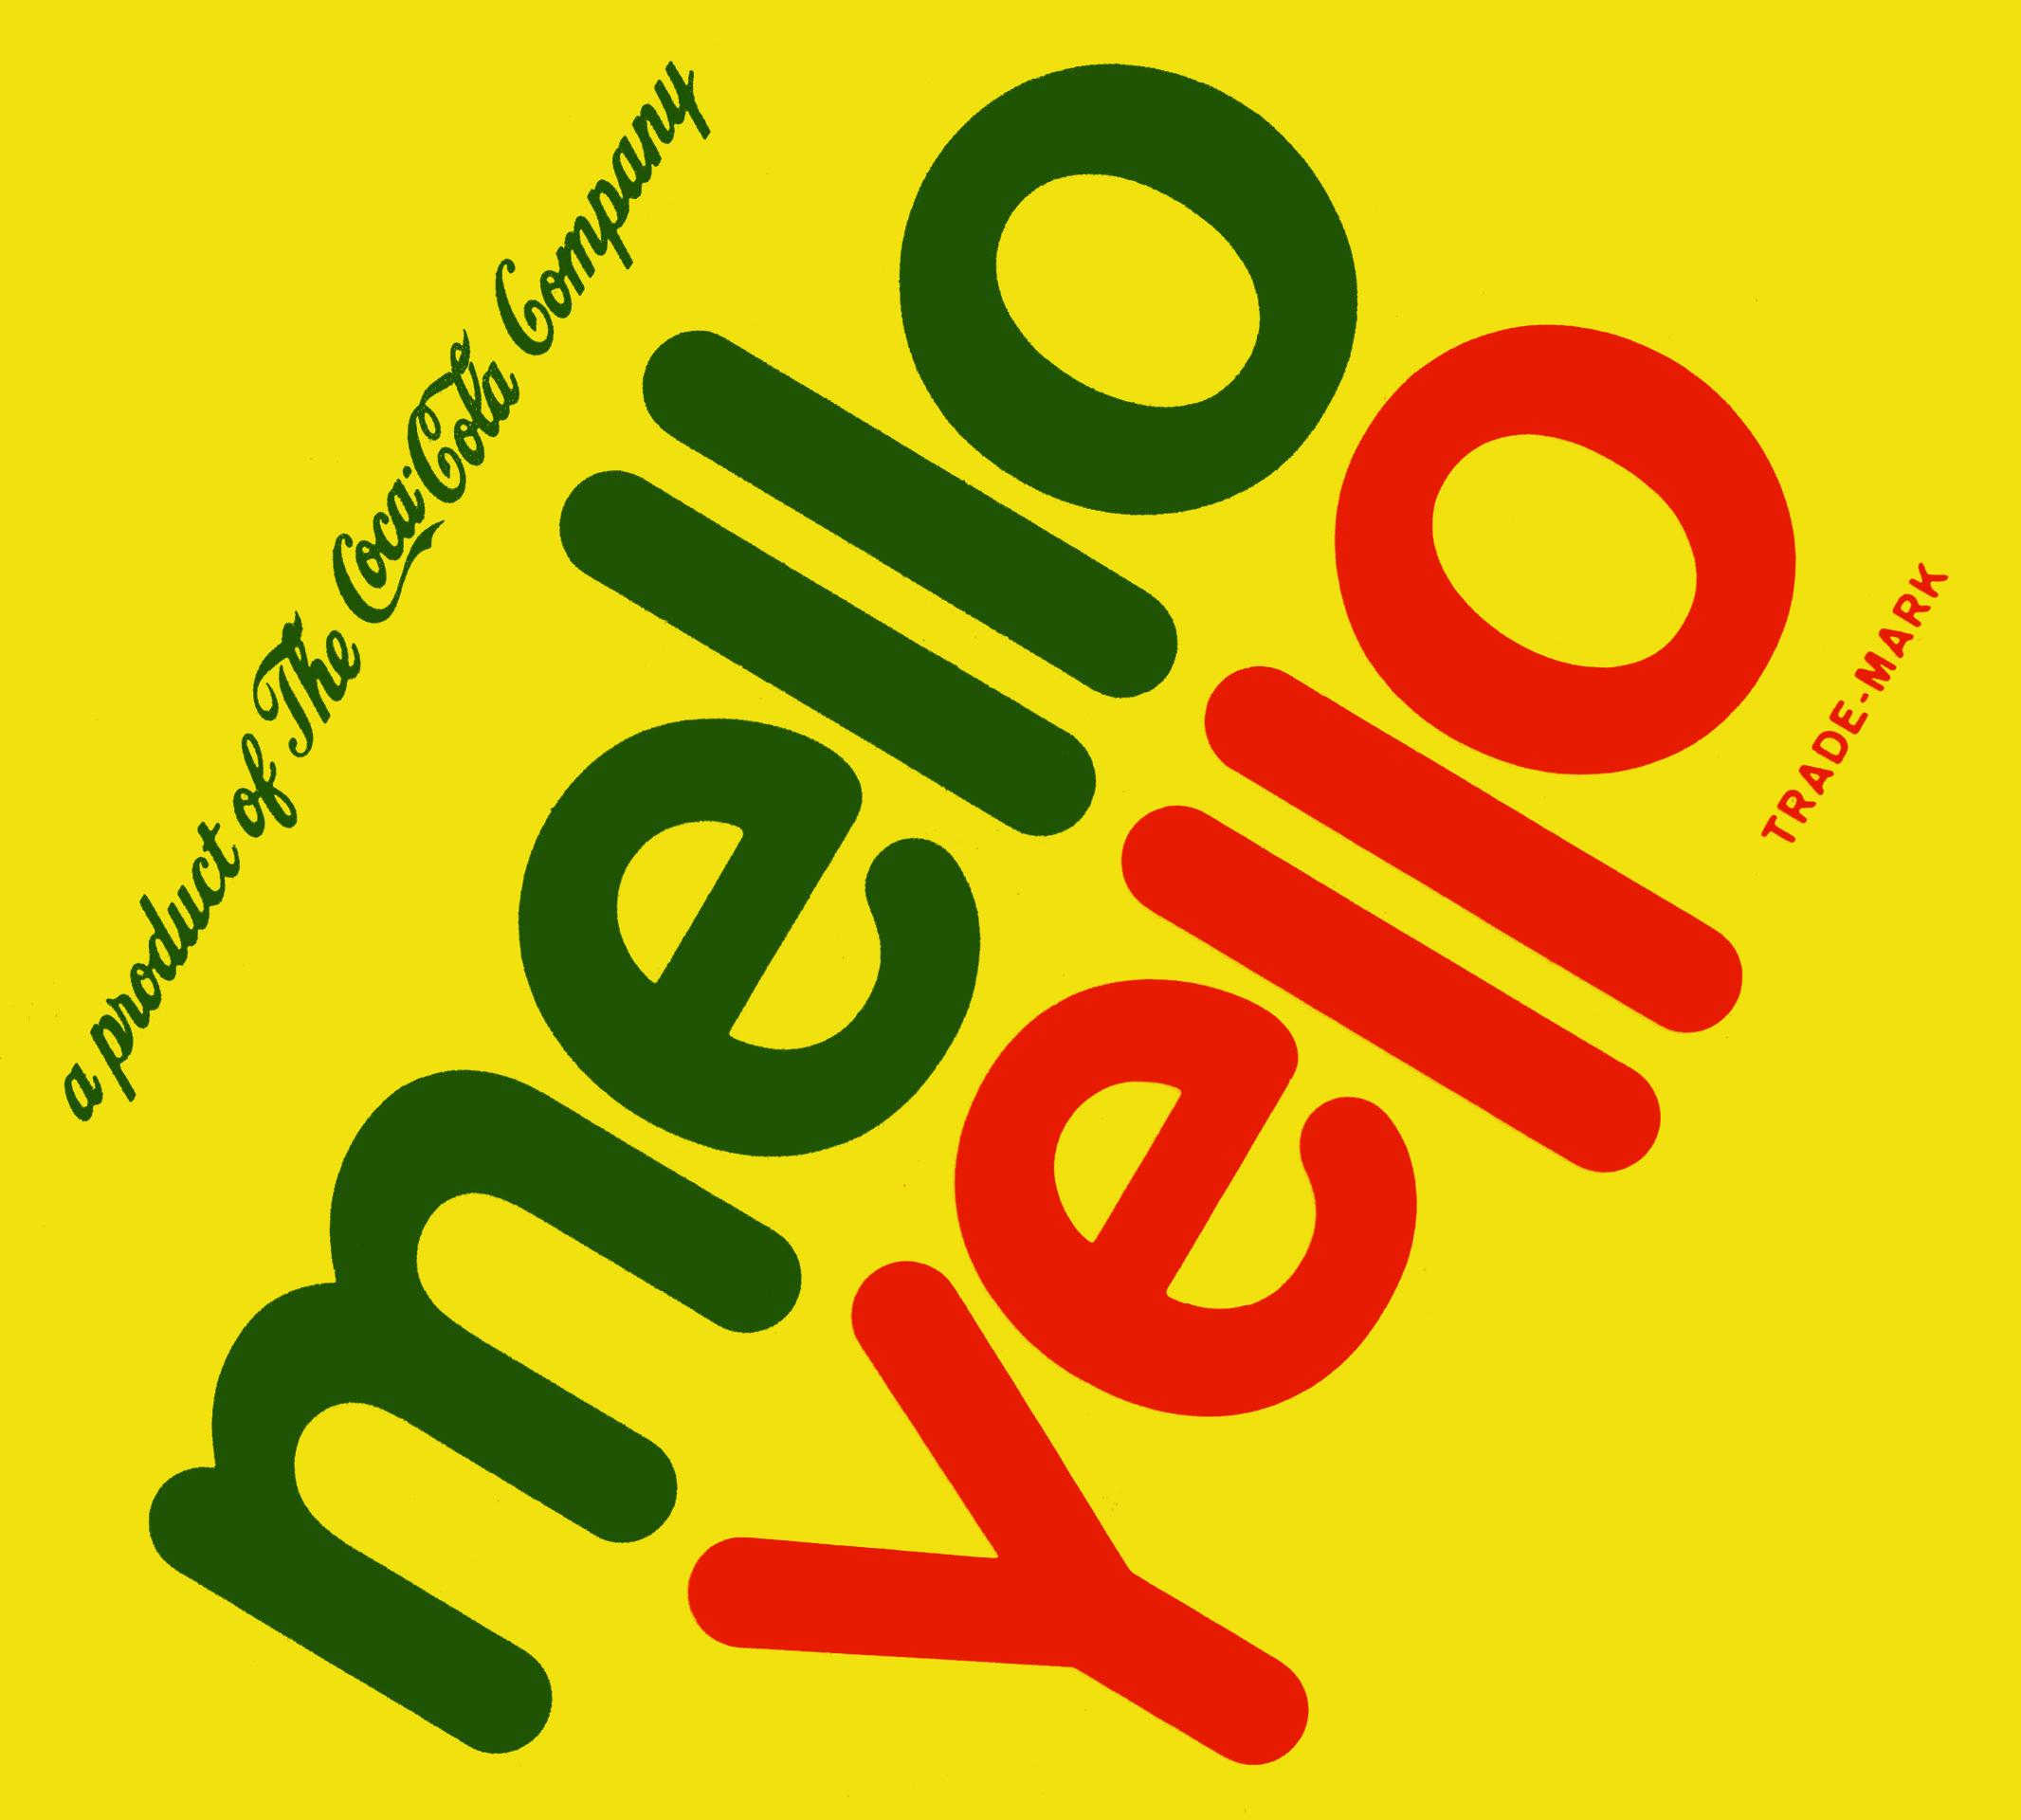 Mello_Yello_70s.png